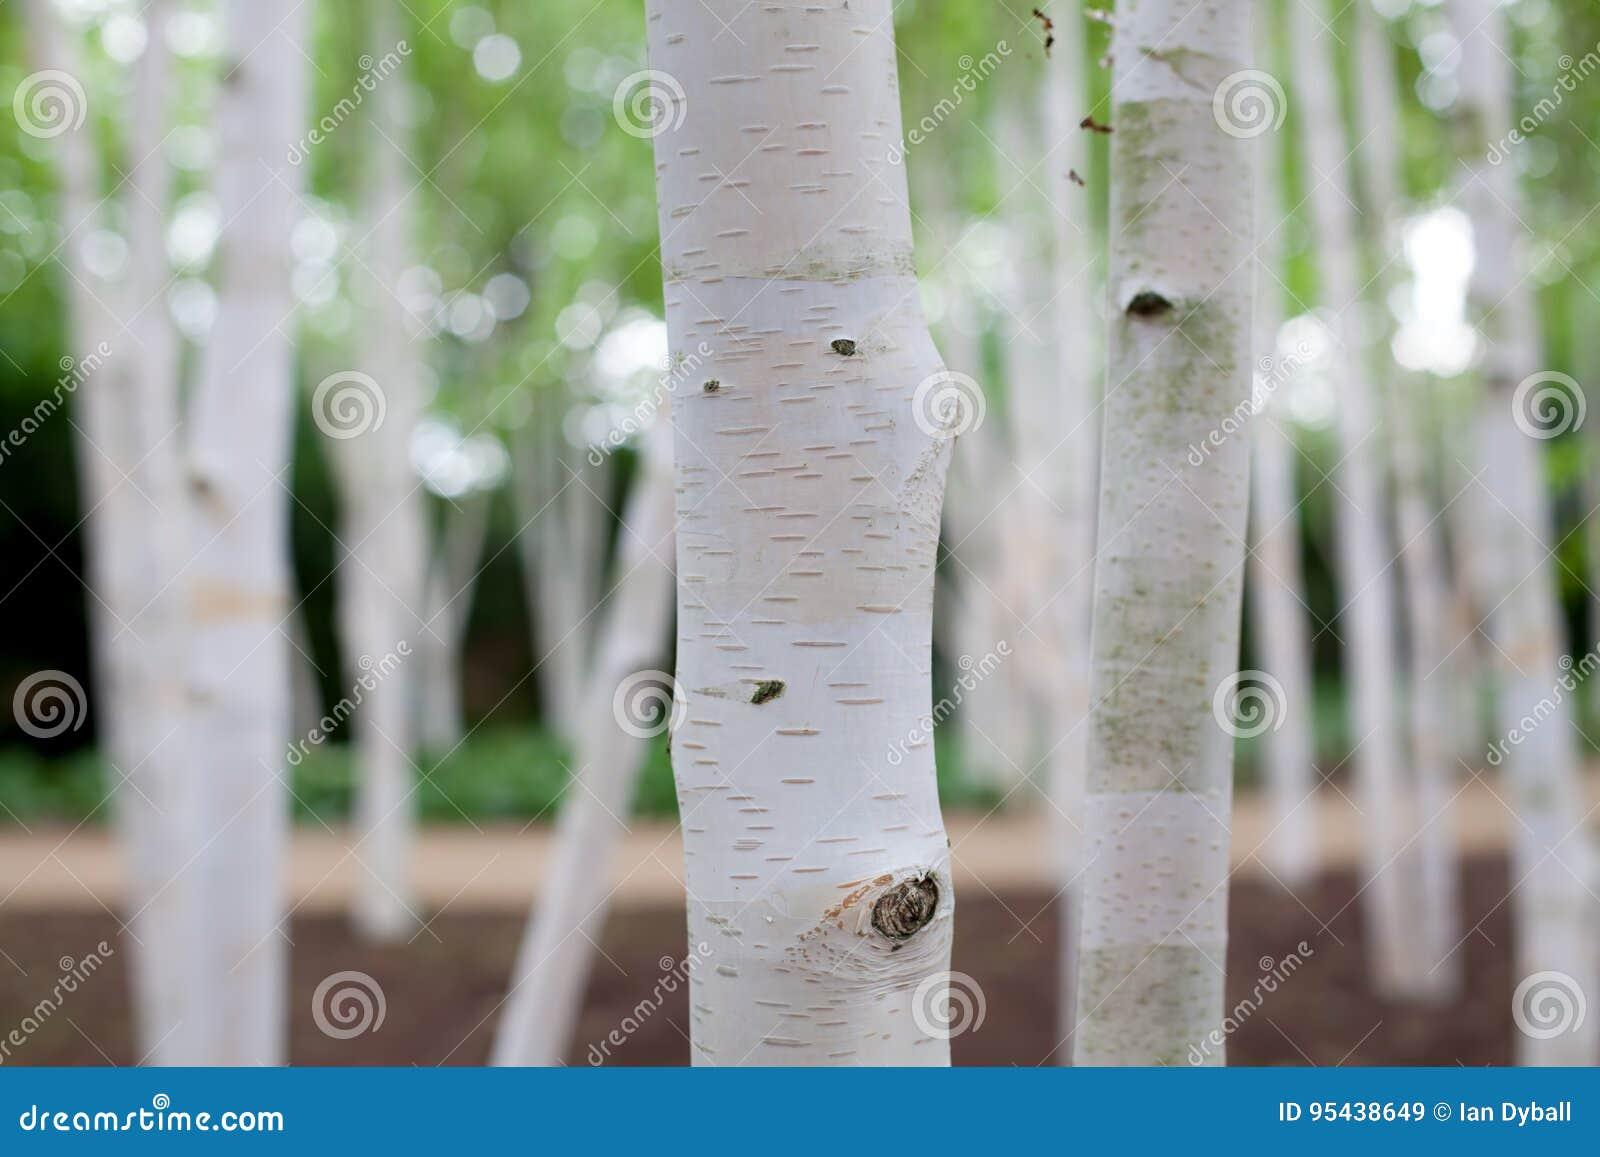 Ασημένια δασική ονειροπόλος εικόνα δέντρων κλαίουσας Σημύδας σημύδων του λευκού